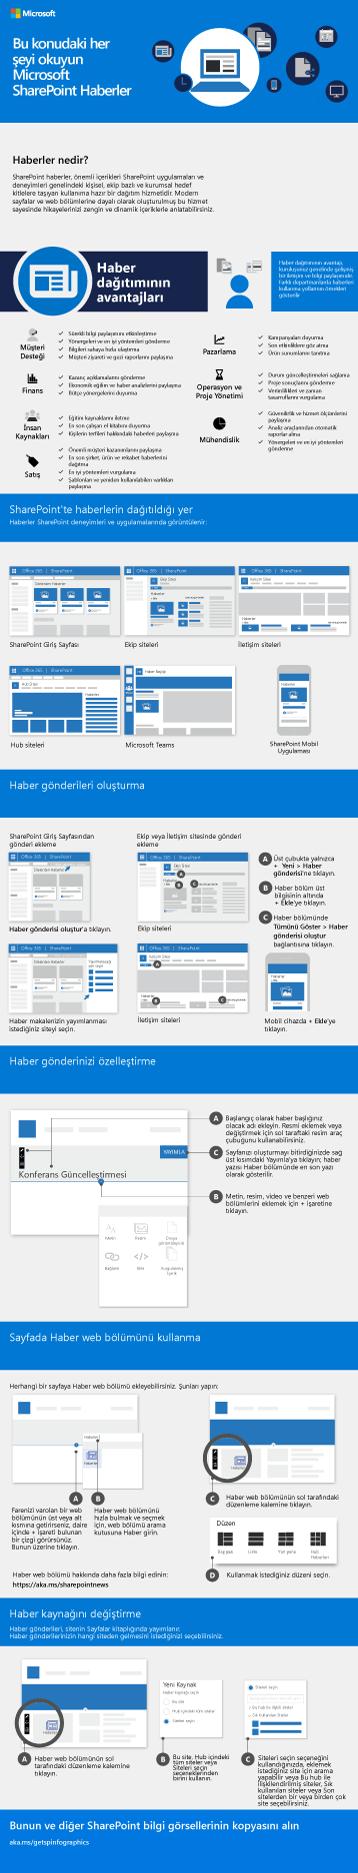 SharePoint Haberleri Bilgi Grafiği